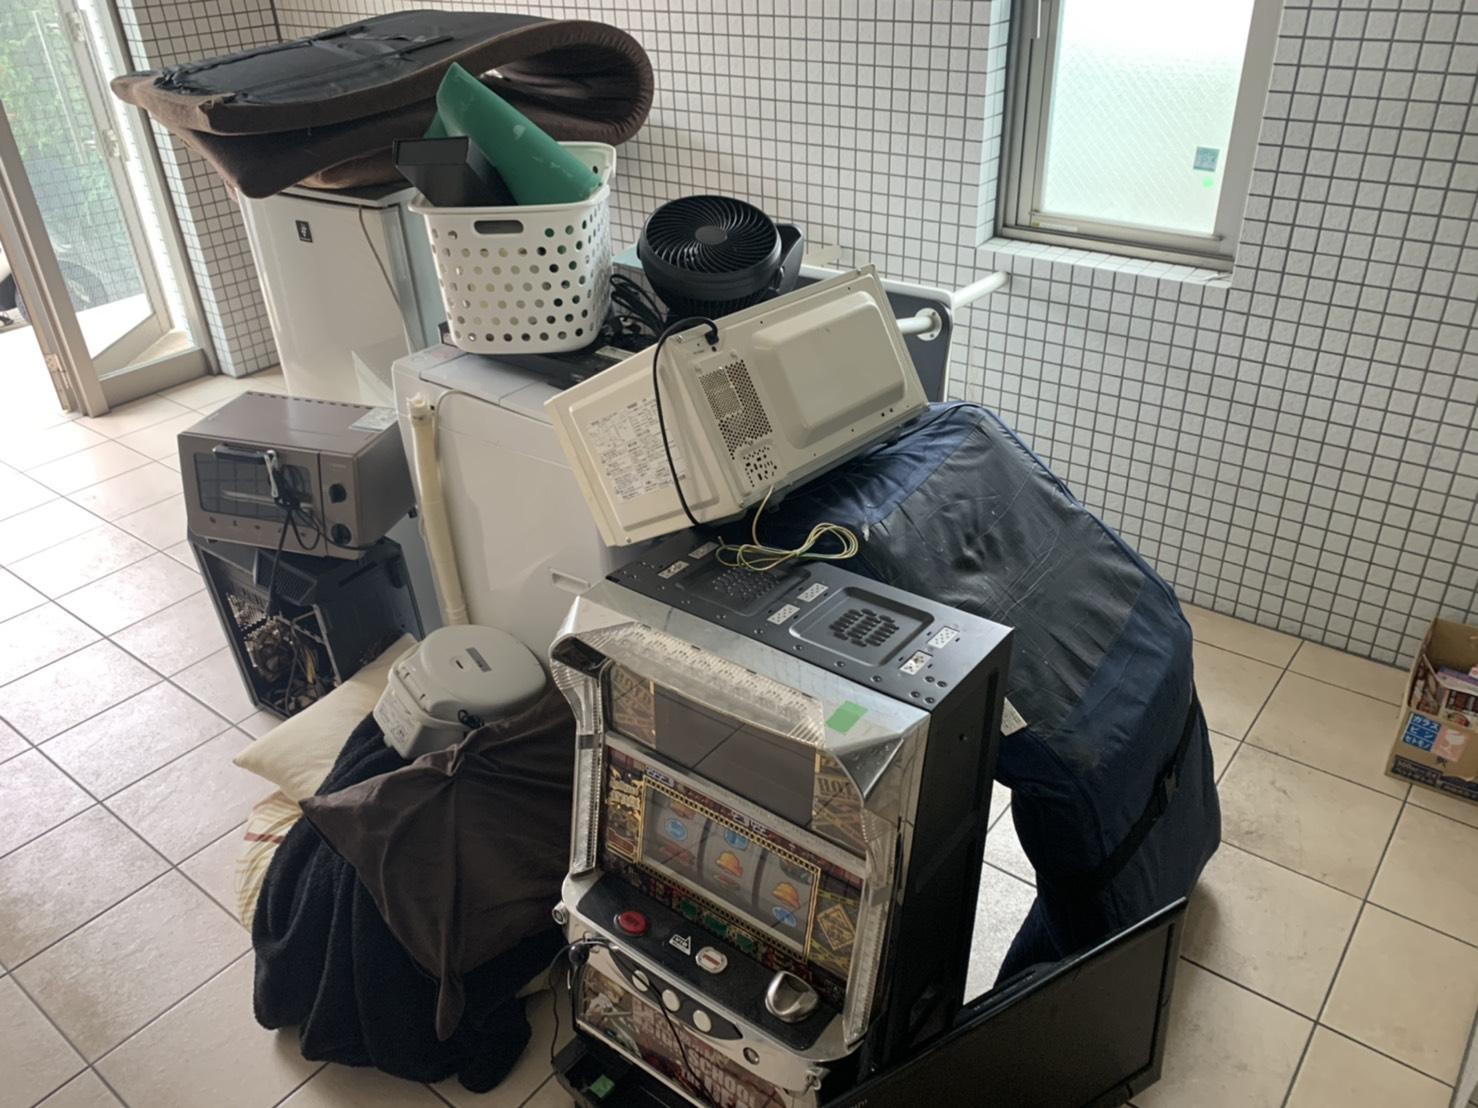 スロットマシン、レンジ、洗濯機、冷蔵庫、オーブン、マットレスの回収前